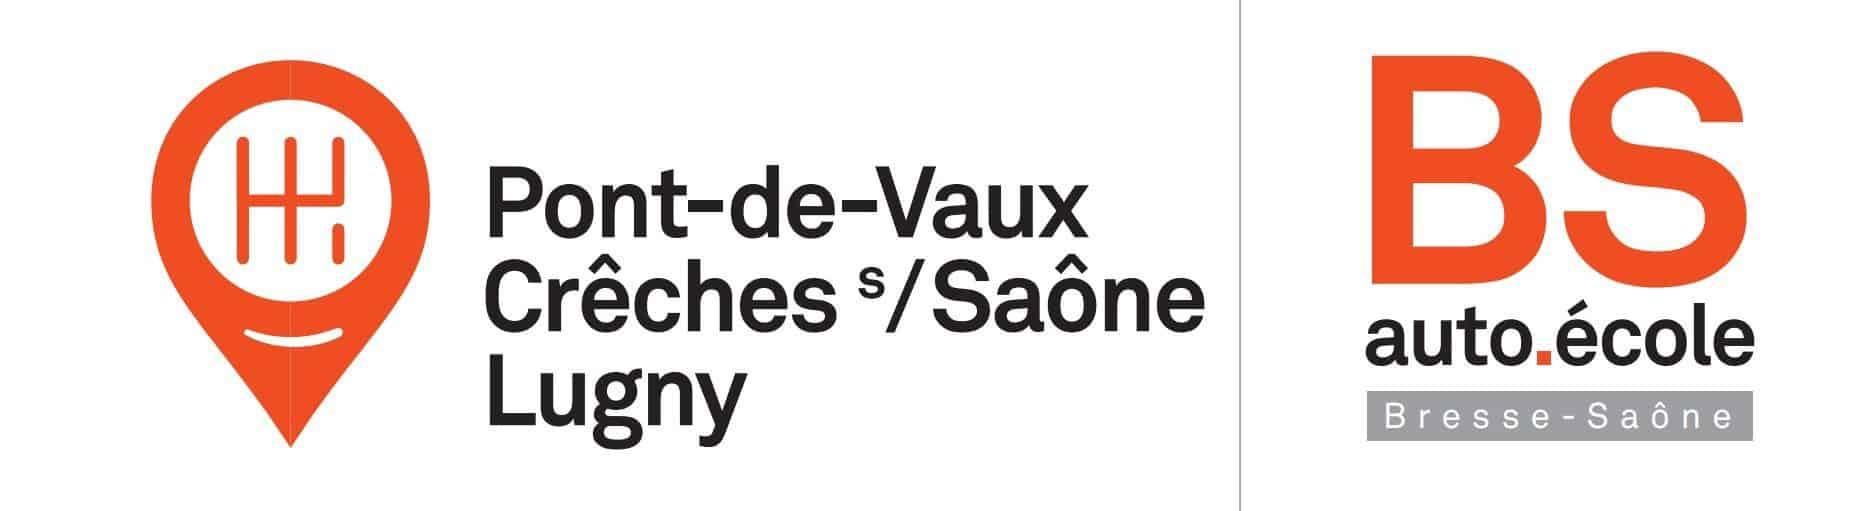 Bresse Saône Auto école